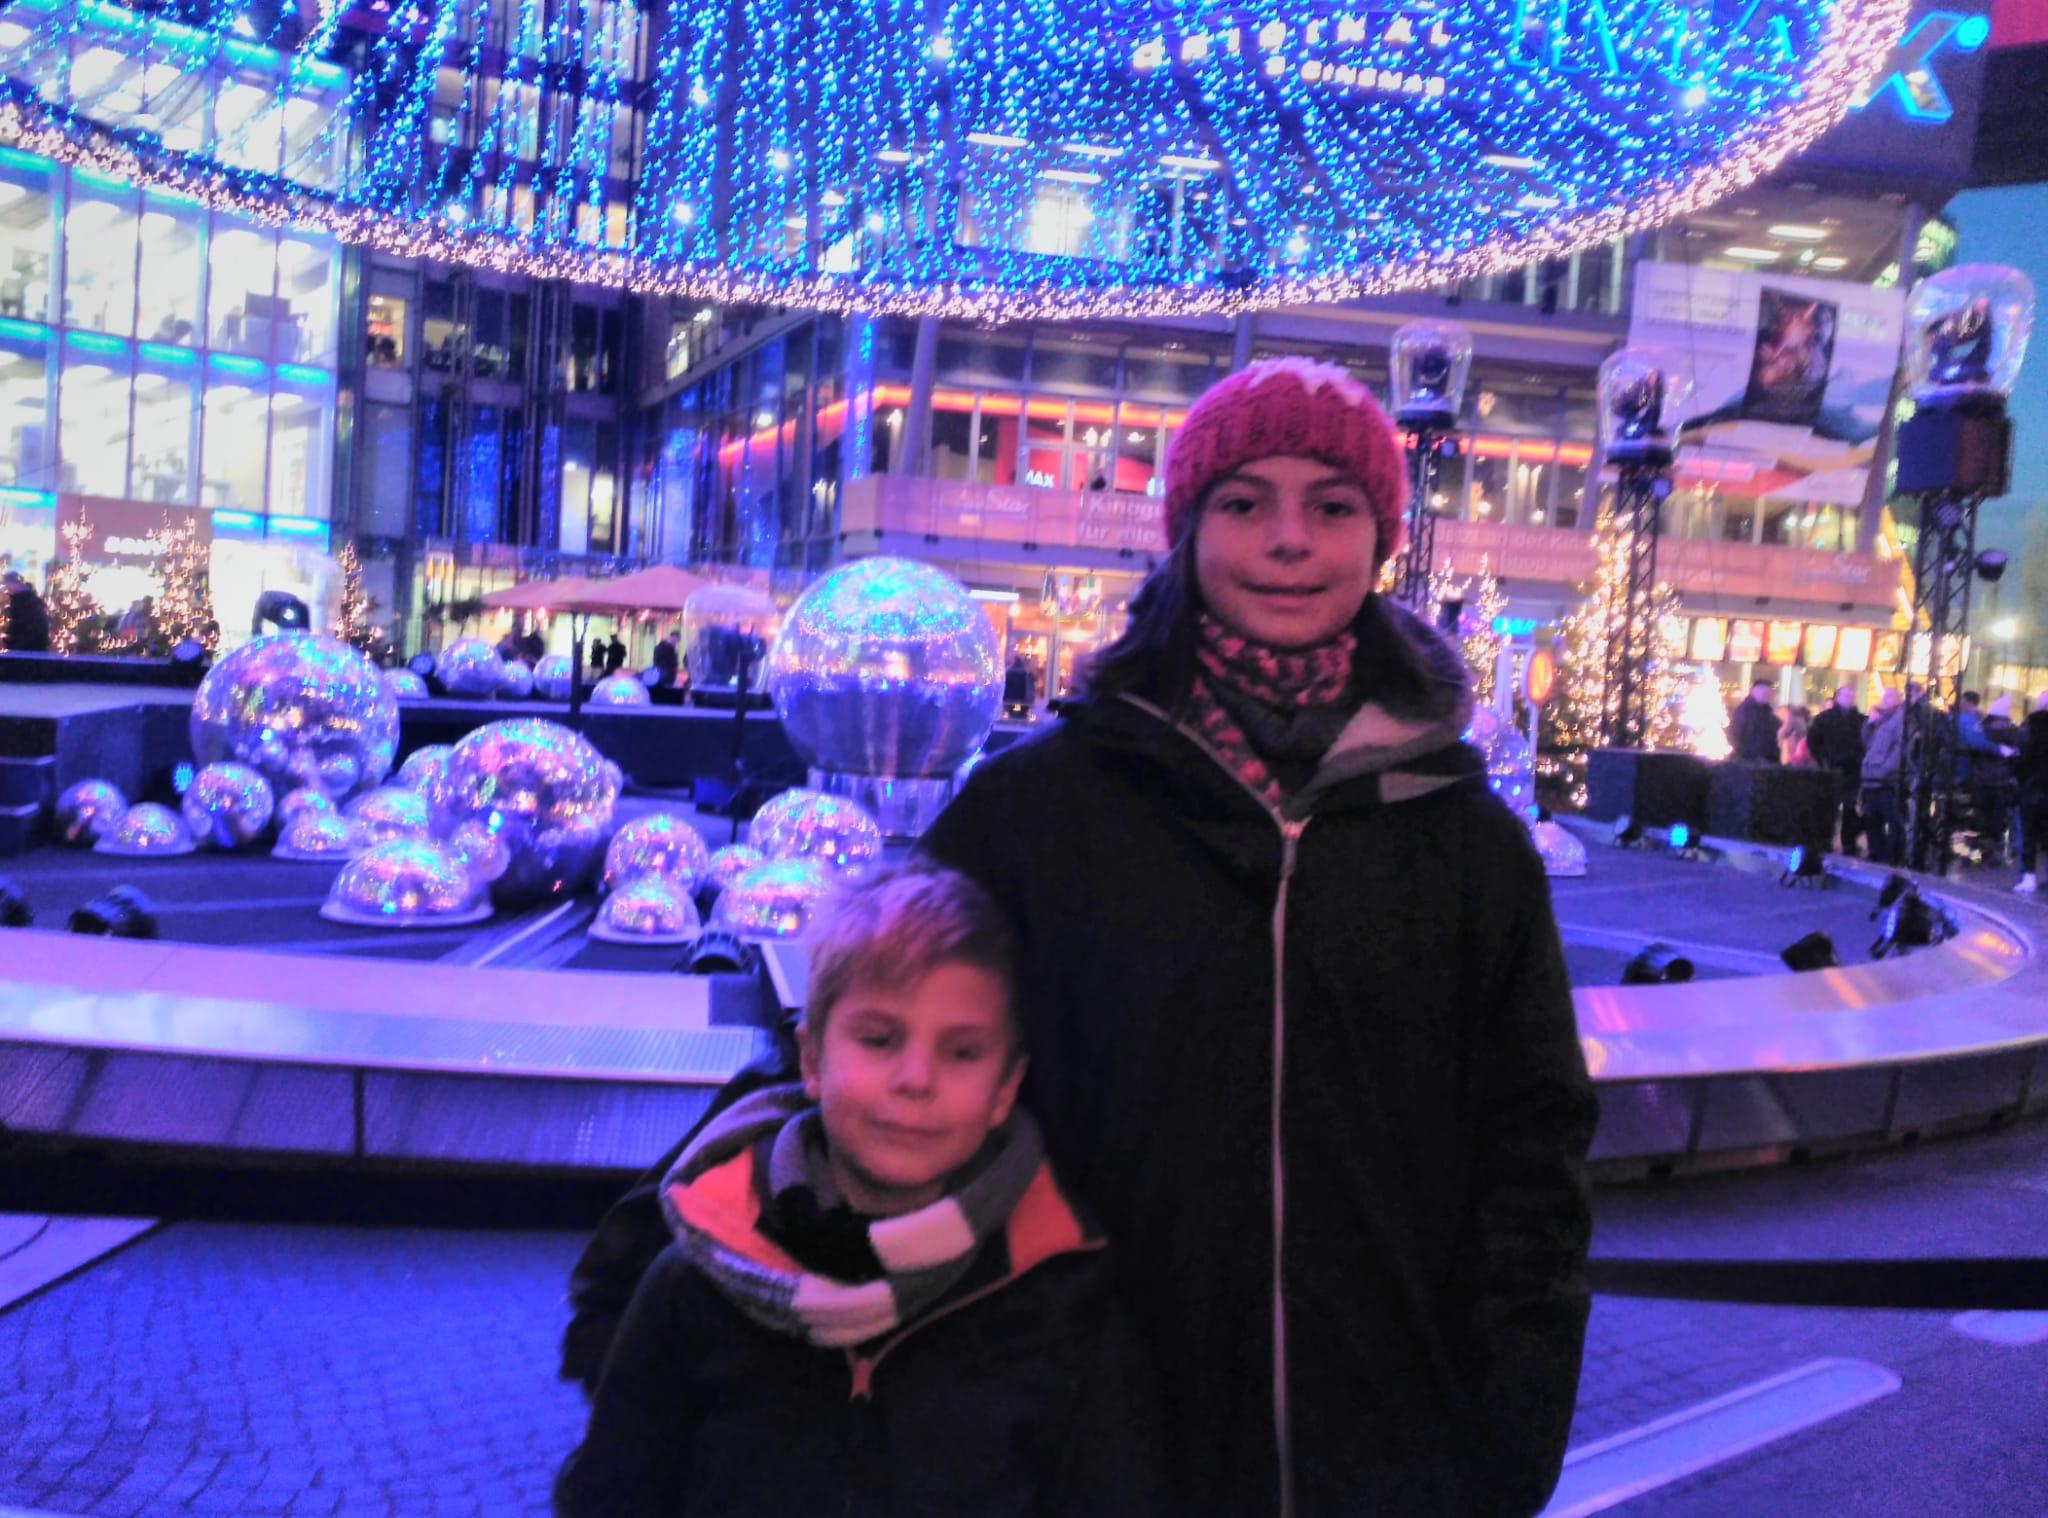 sony center - berlín - navidad - niños